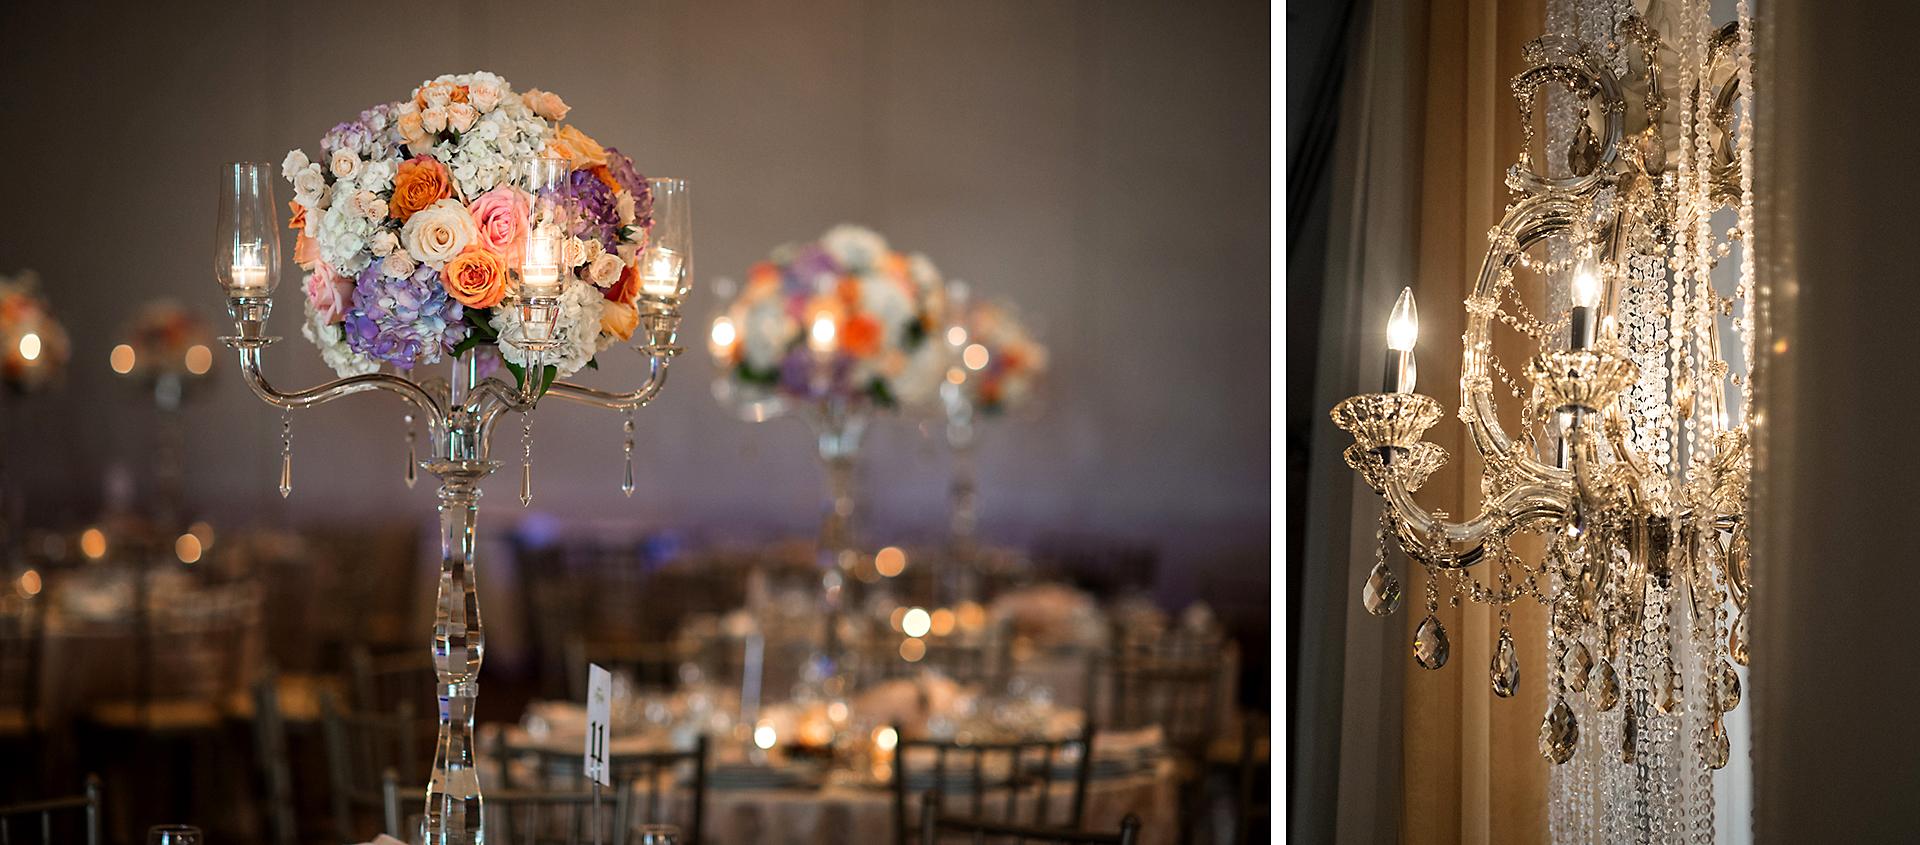 Bryan & Eden | Le Jardin Wedding | Toronto Wedding Photographers 032